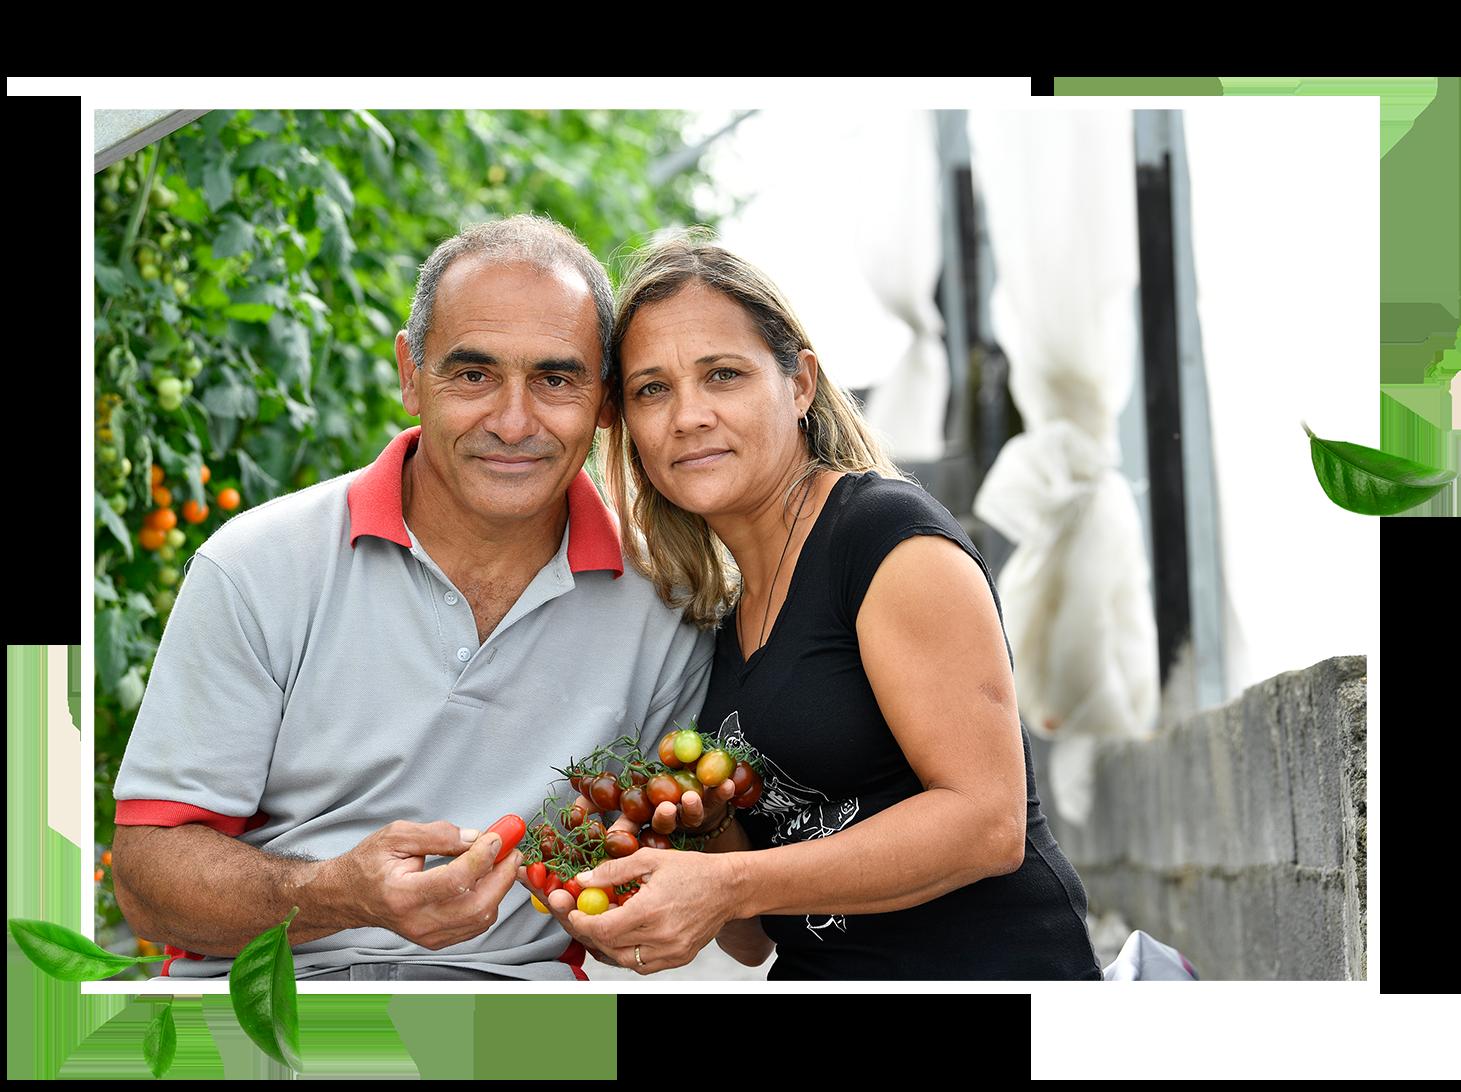 Sandy - Sandy, c'est une marque créée par deux agriculteurs réunionnais pour offrir le meilleur de la culture réunionnaise dans nos assiettes.Notre mission est d'offrir à chacun d'entre (nous) vous des produits maraîchers Péï, frais, sains et goûteux.